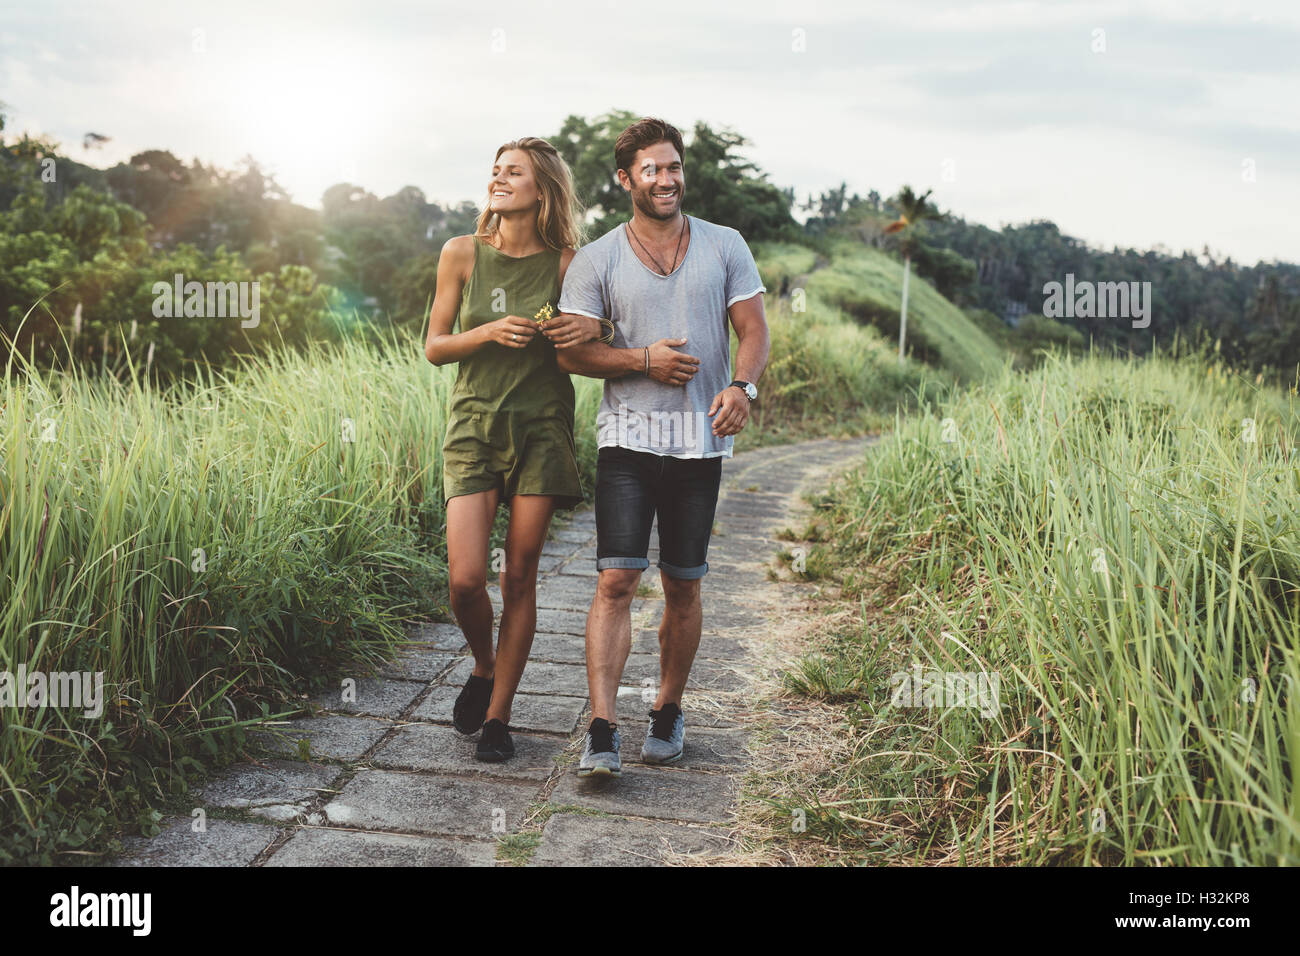 Im Freien Schuss des jungen Paares in der Liebe zu Fuß auf den Weg durch die Wiese. Mann und Frau, die große Stockbild